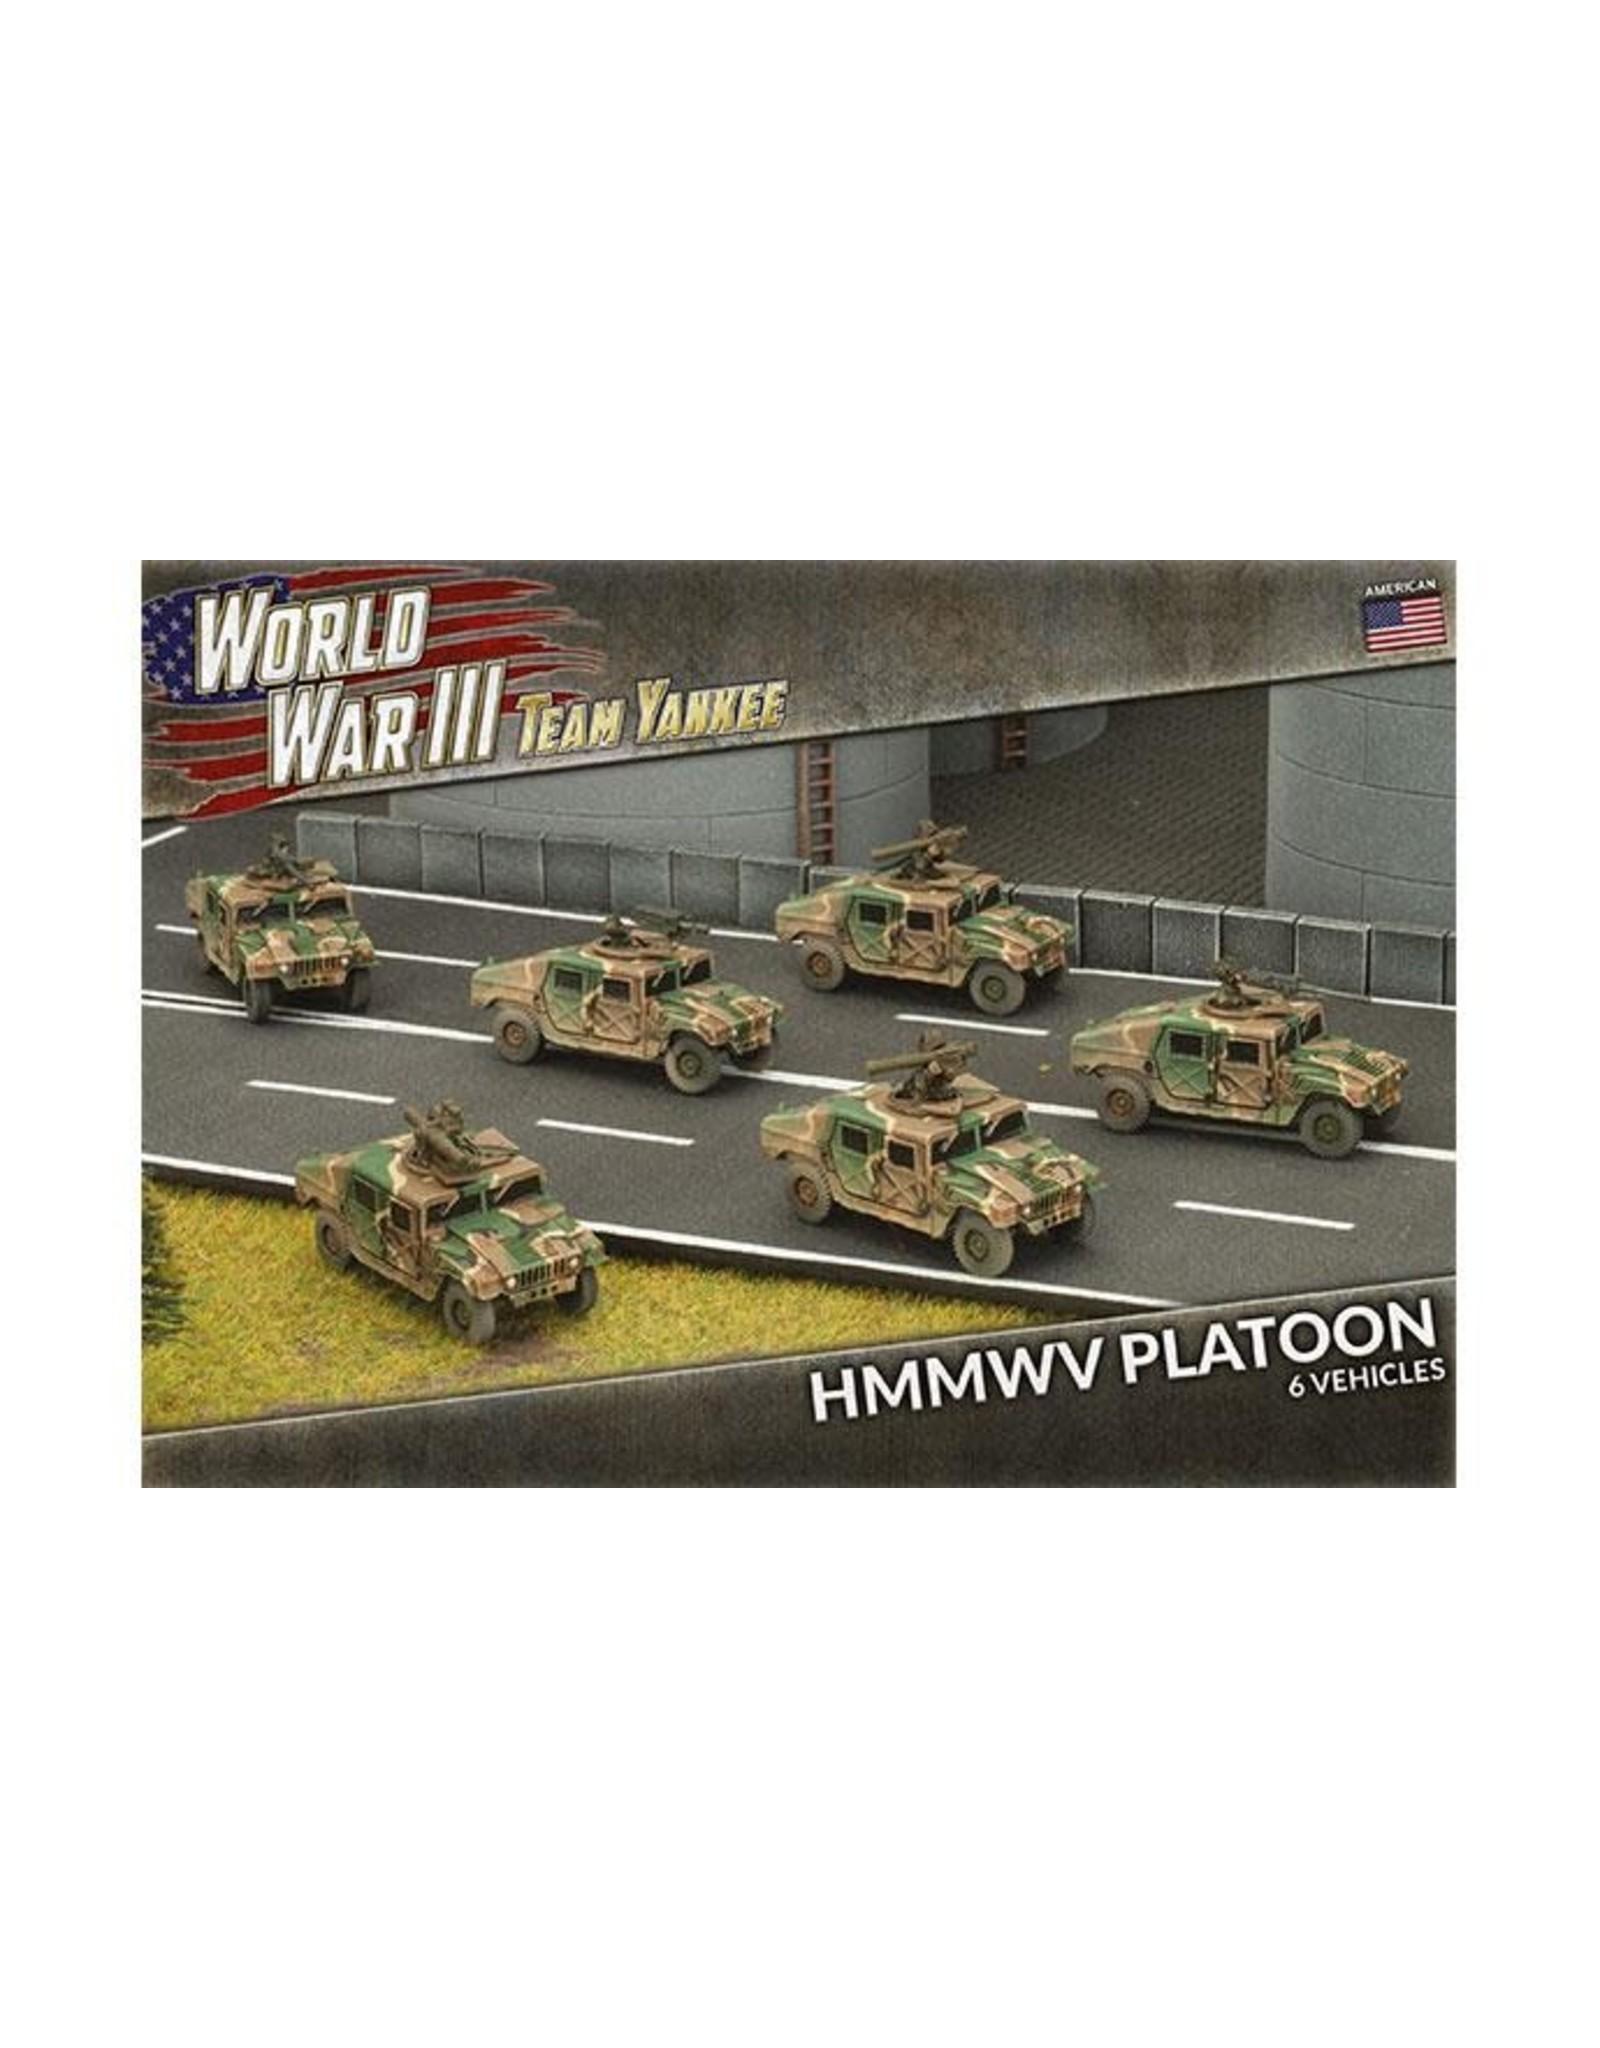 Battlefront Miniatures Team Yankee: HMMWV Platoon